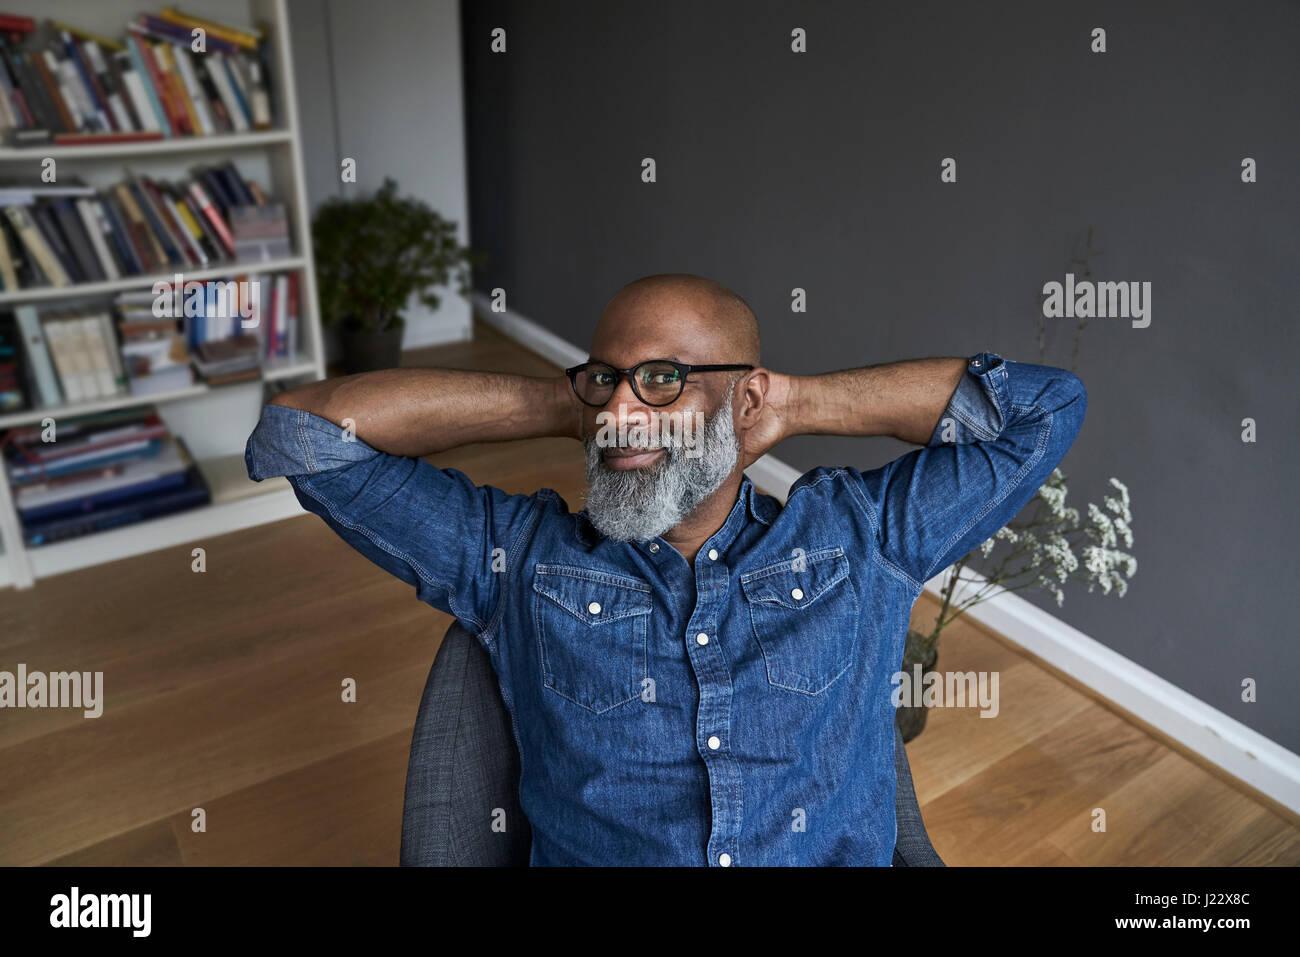 Hombre maduro sentado relajado en casa Imagen De Stock